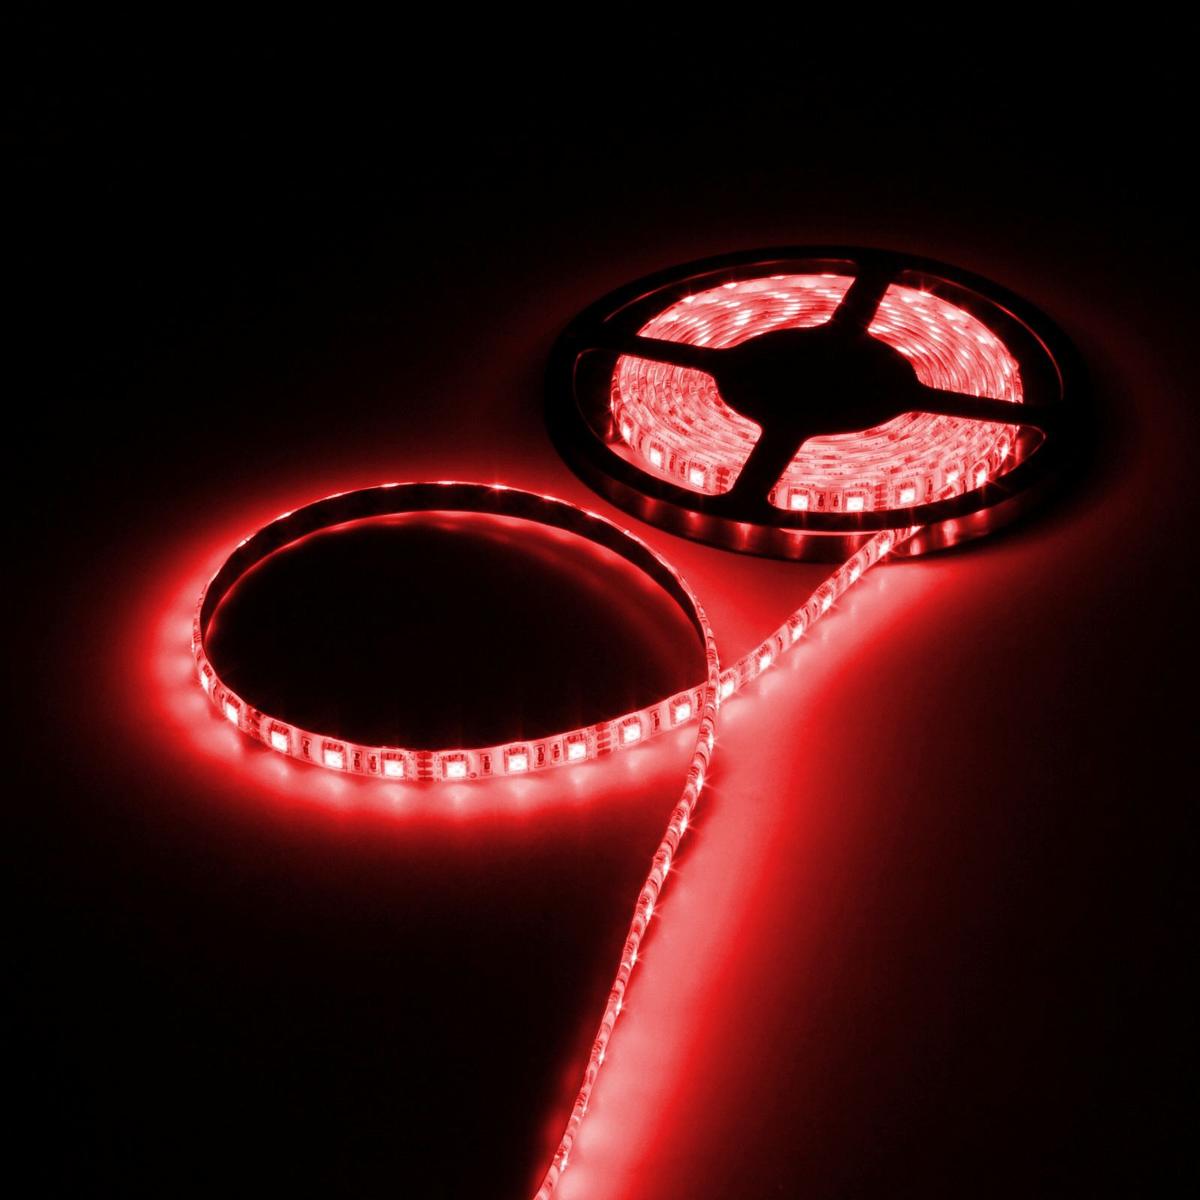 Светодиодная лента Luazon, 12В, SMD5050, длина 5 м, IP65, 60 LED ламп, 14.4 Вт/м, 14-16 Лм/1 LED, DC, цвет: красный883947Светодиодные гирлянды, ленты и т.д — это отличный вариант для новогоднего оформления интерьера или фасада. С их помощью помещение любого размера можно превратить в праздничный зал, а внешние элементы зданий, украшенные ими, мгновенно станут напоминать очертания сказочного дворца. Такие украшения создают ауру предвкушения чуда. Деревья, фасады, витрины, окна и арки будто специально созданы, чтобы вы украсили их светящимися нитями.